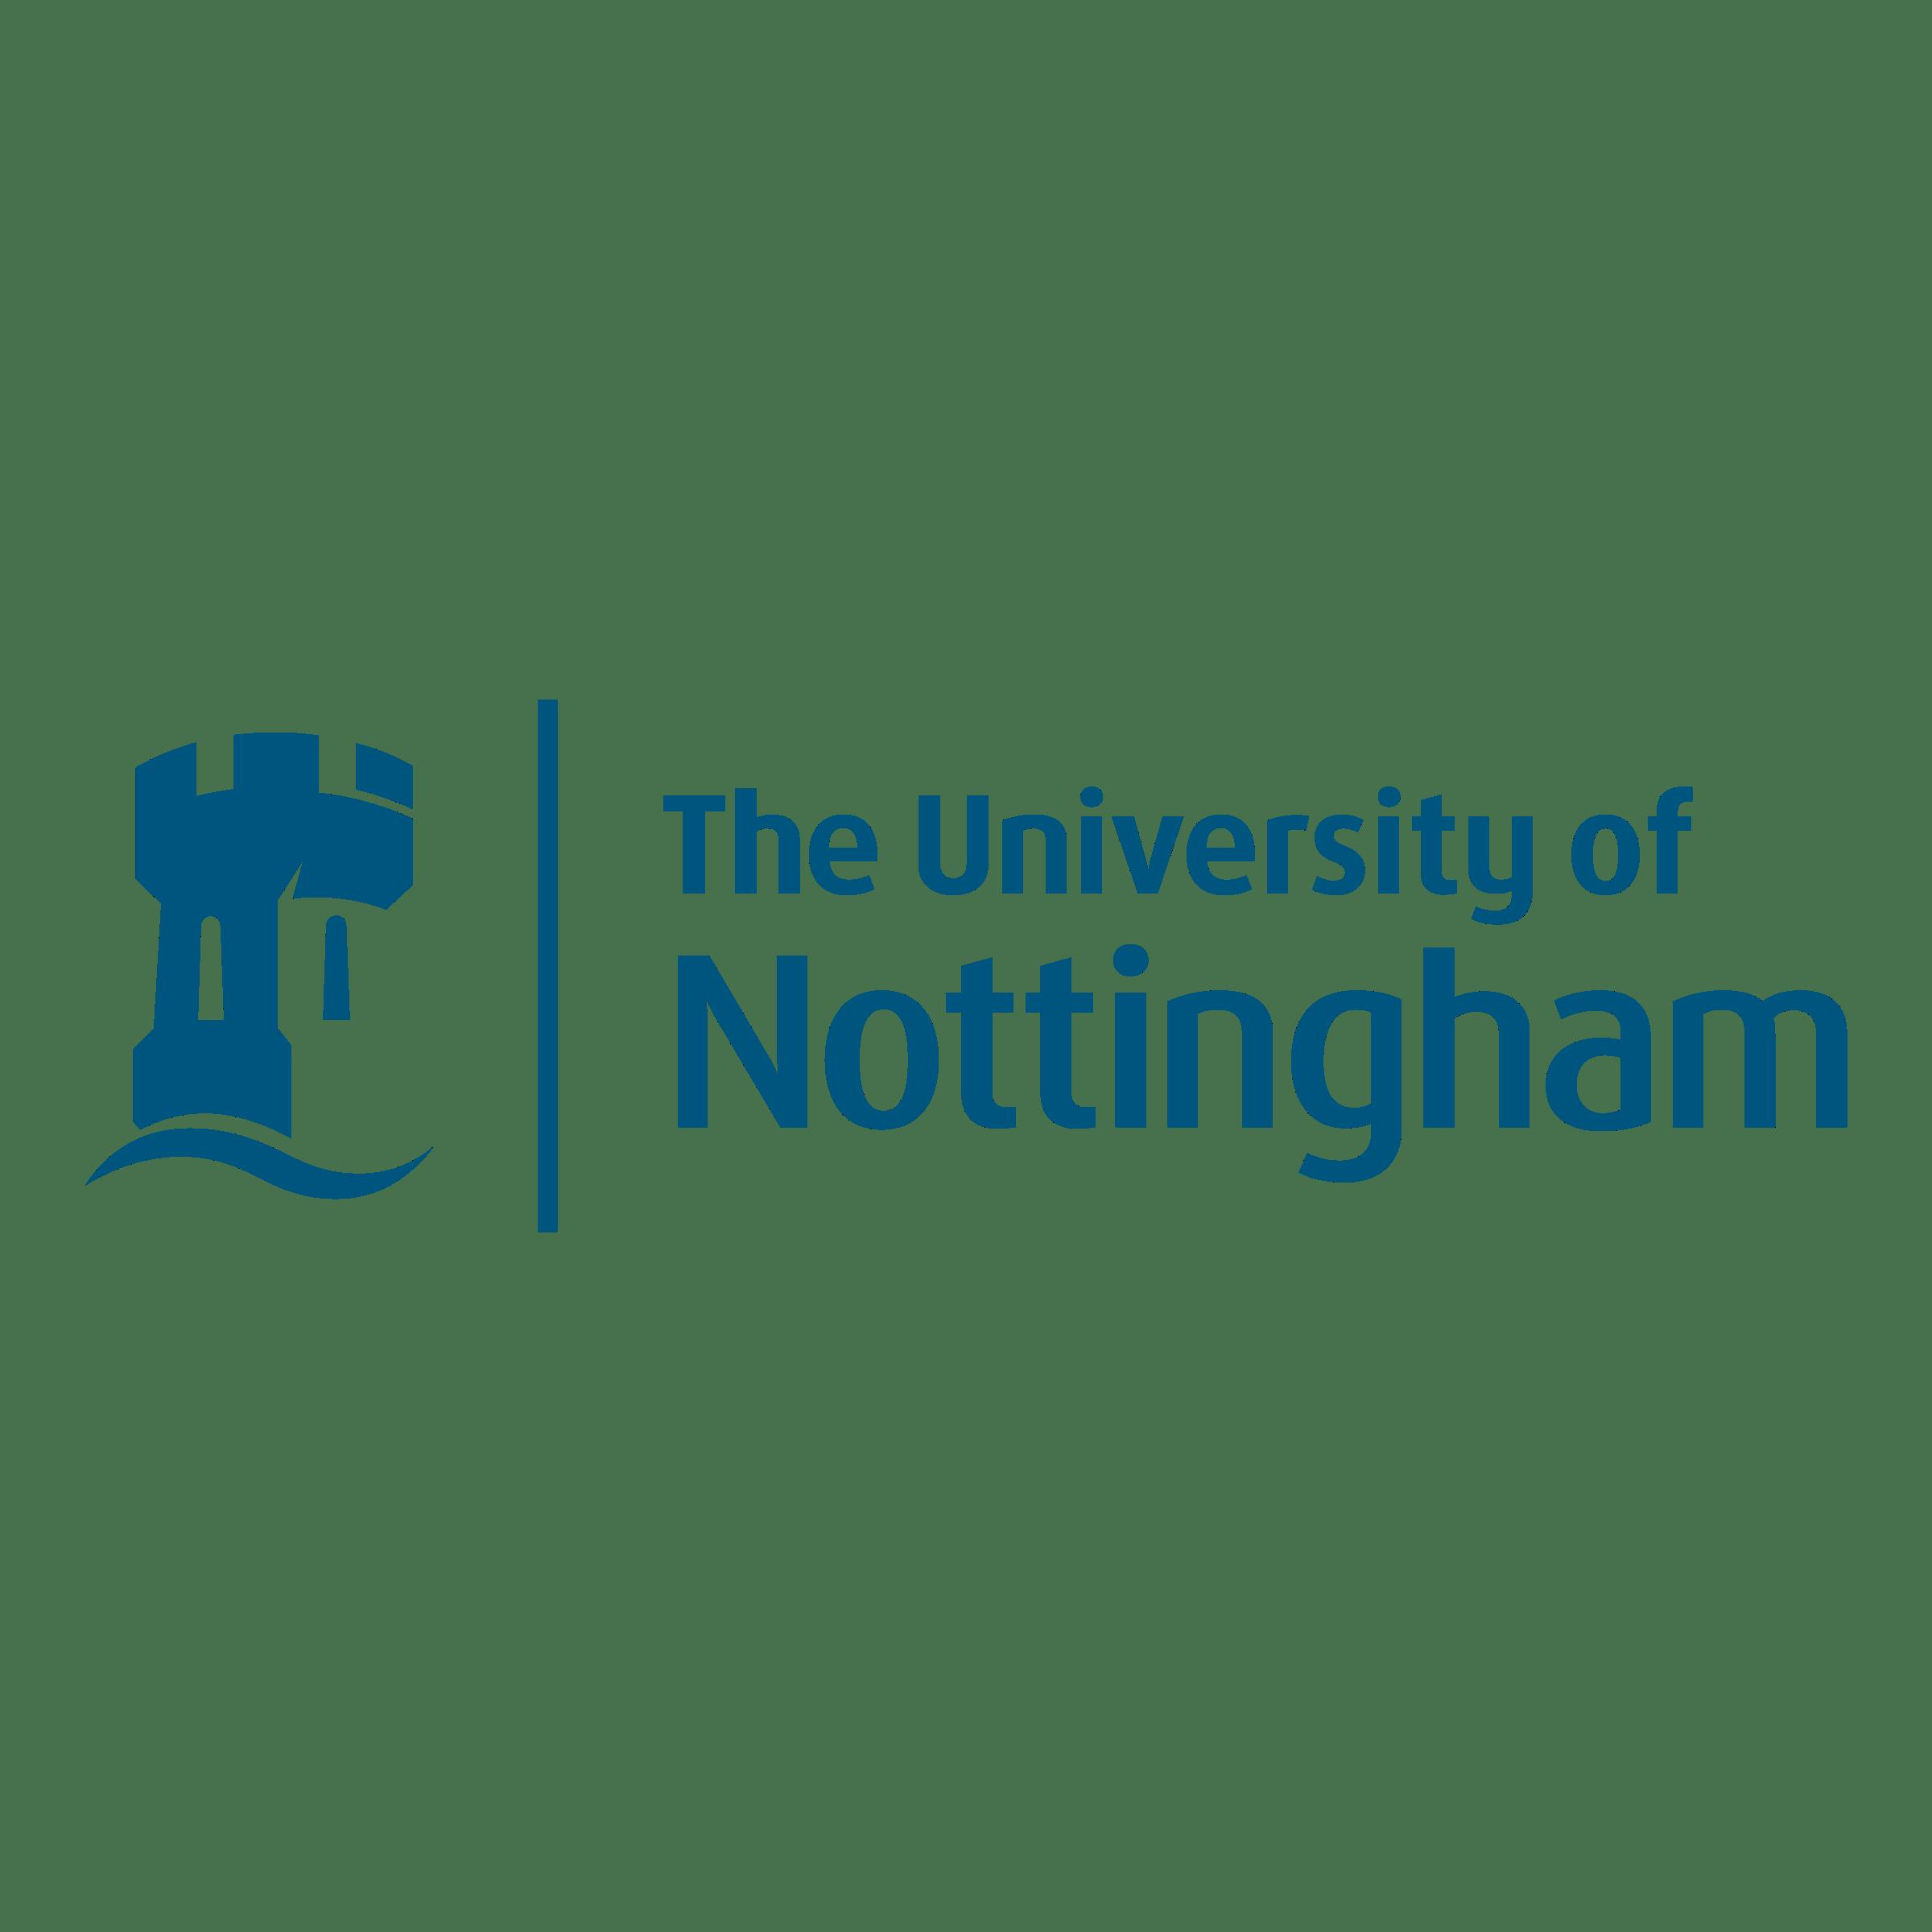 alt - Великобритания, University of Nottingham, Бакалавриат,Магистратура, 1